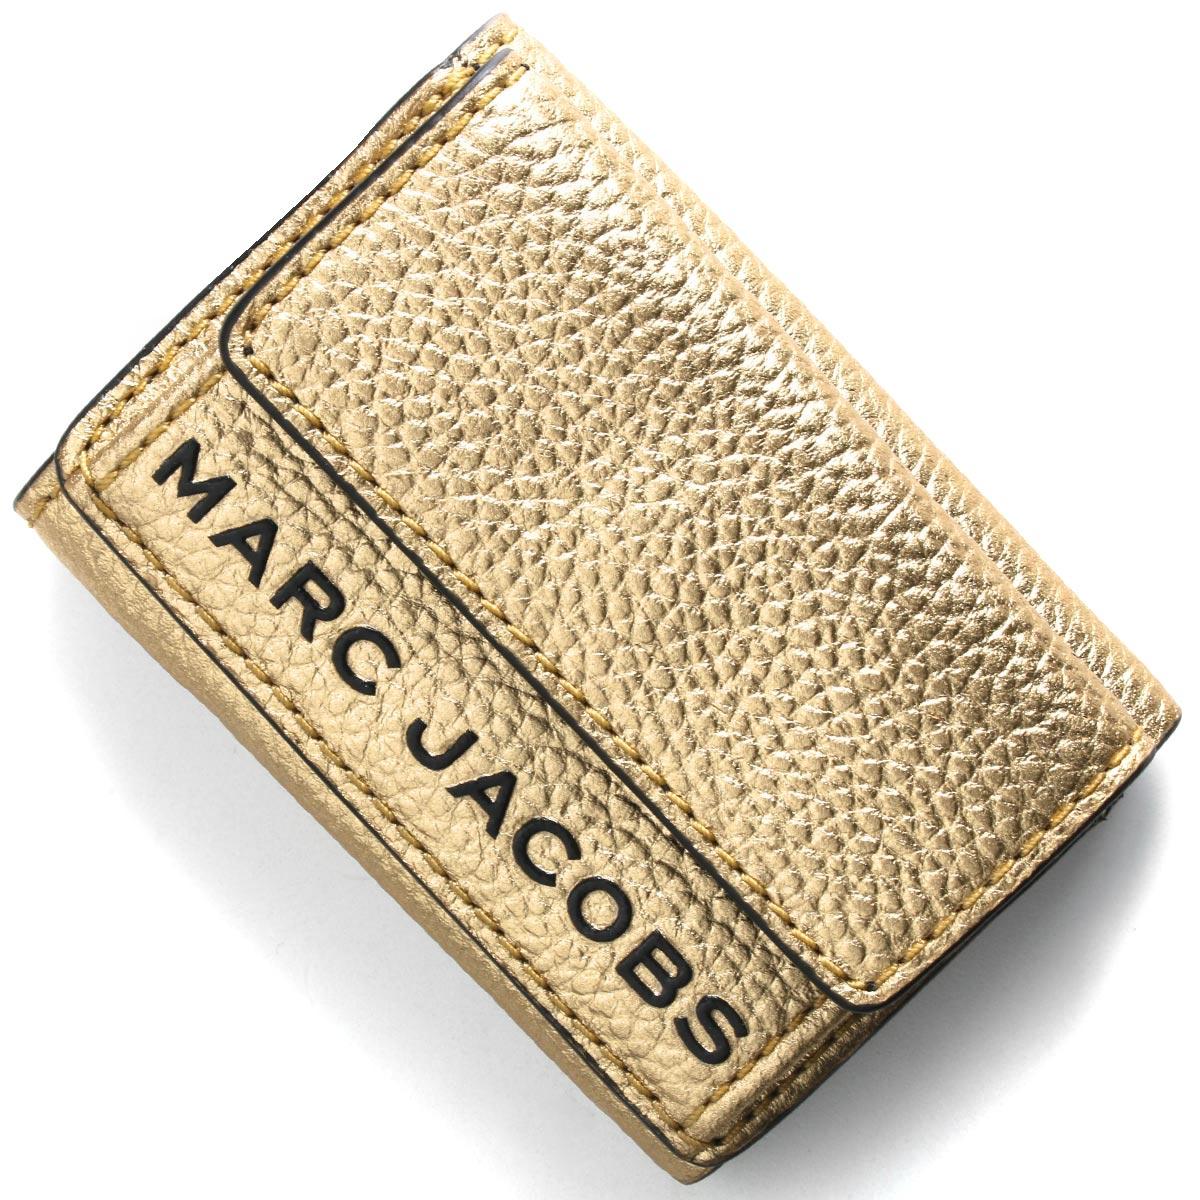 マークジェイコブス 三つ折り財布/ミニ財布 財布 レディース ザ テクスチャード ボックス ゴールド M0016187 710 MARC JACOBS